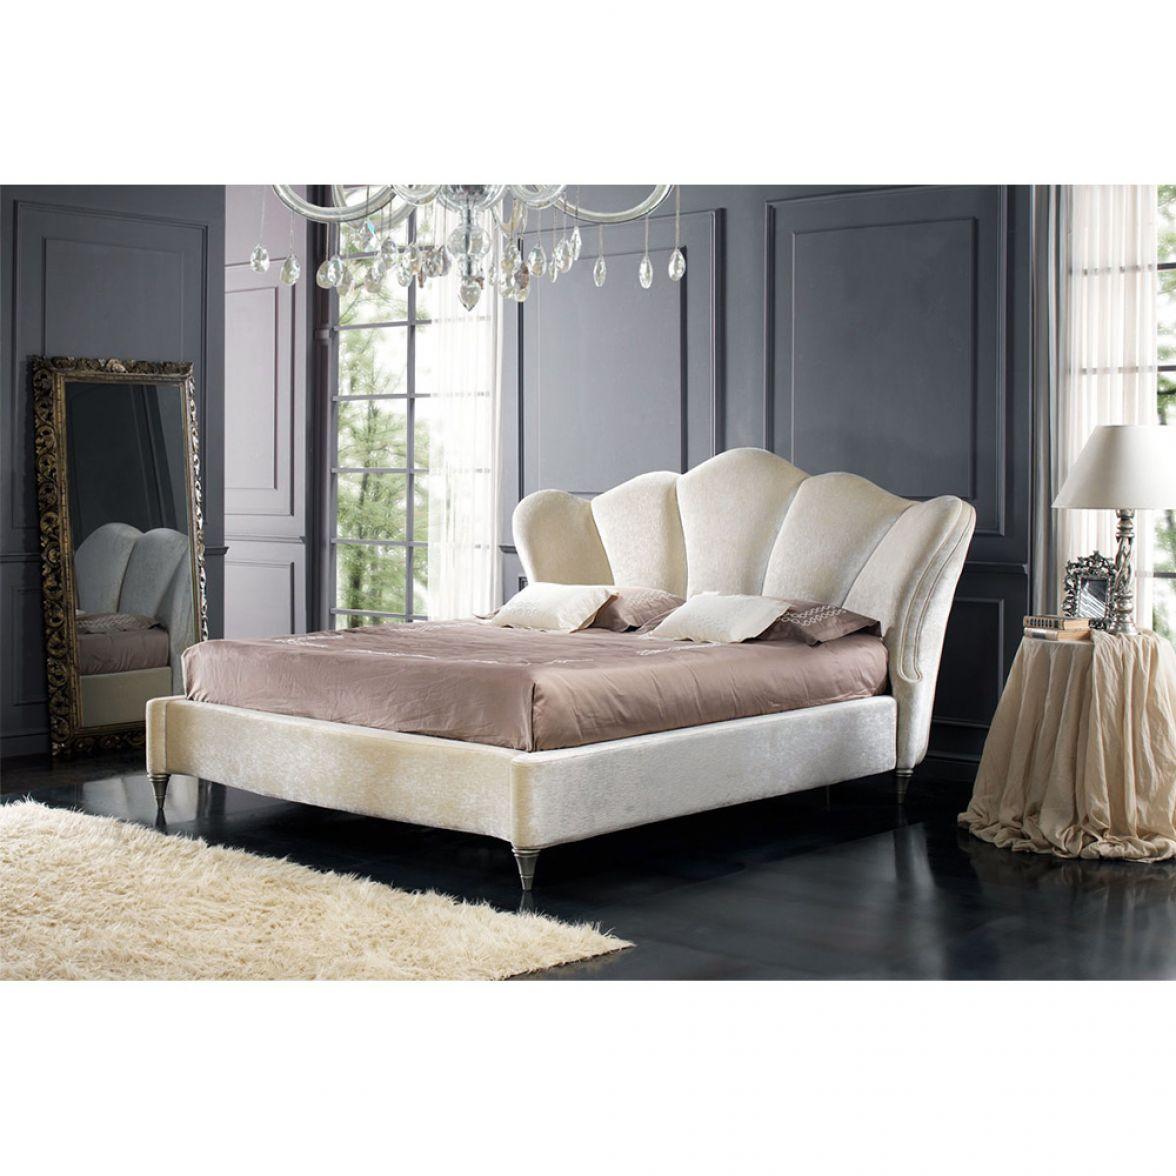 Кровать Afrodite фото цена